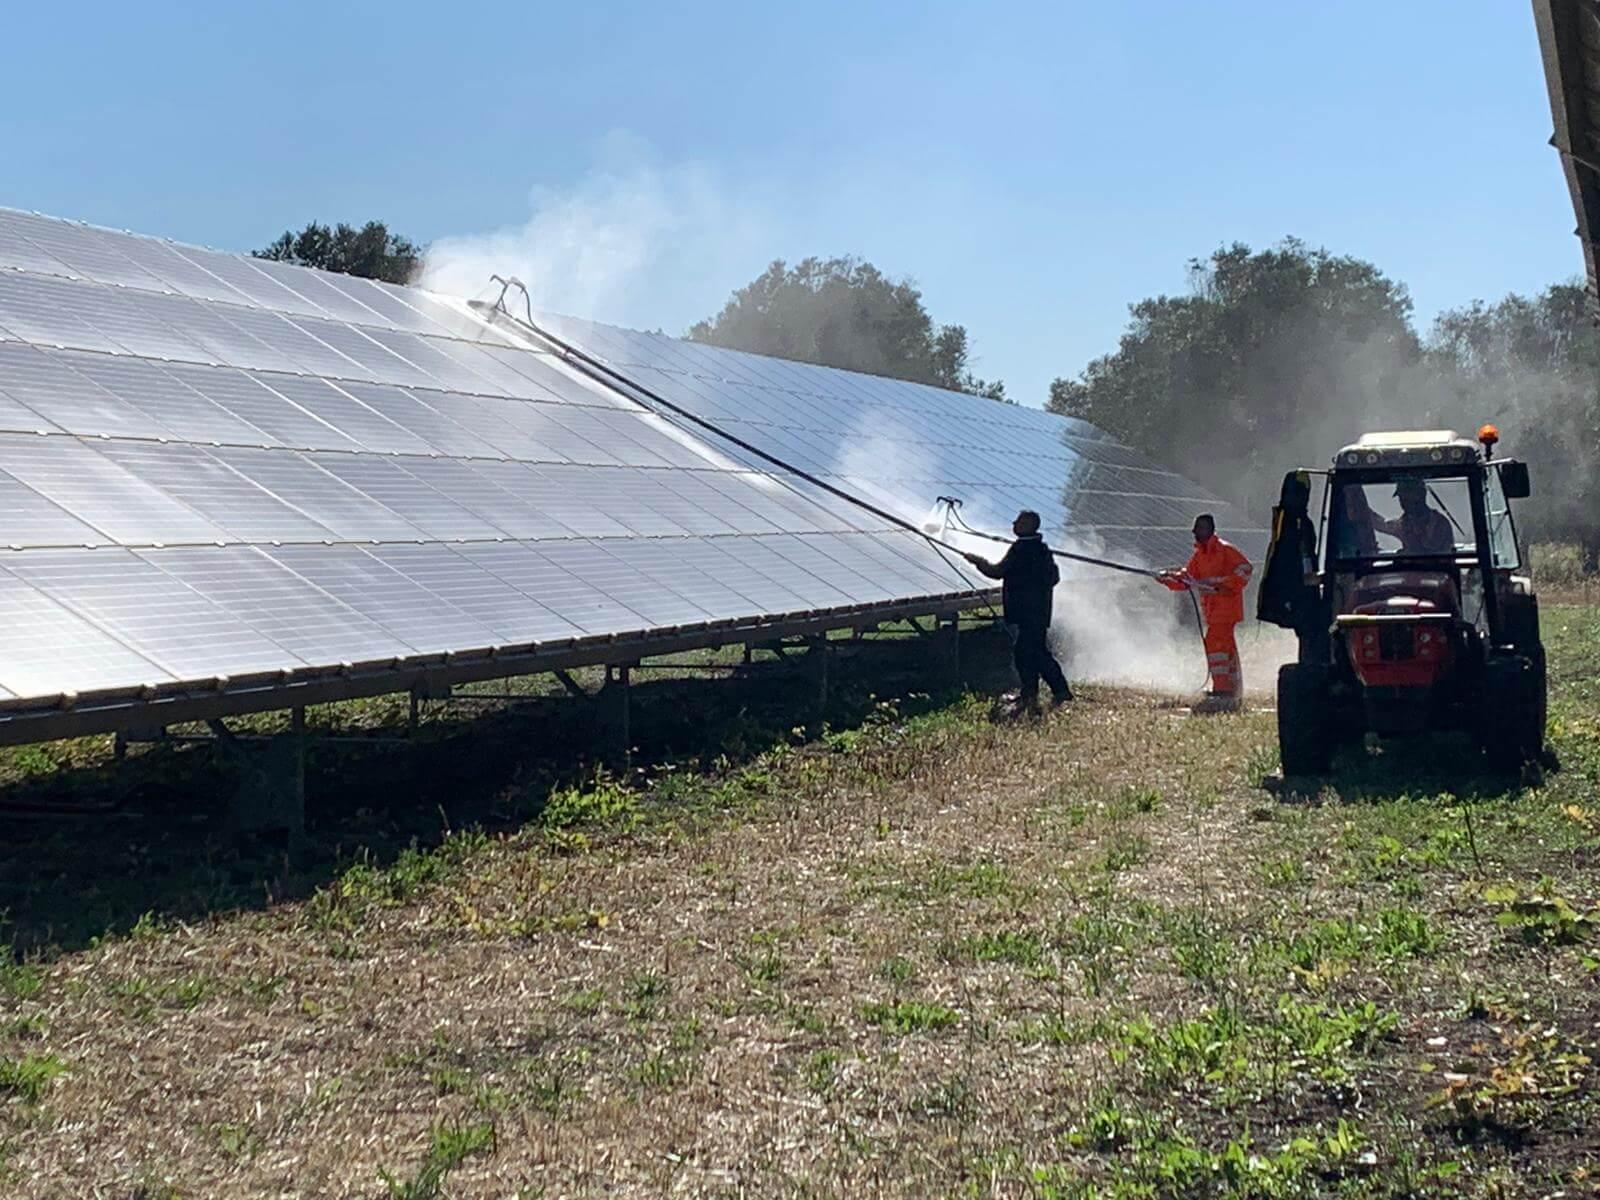 Pulizia pannelli solari 7